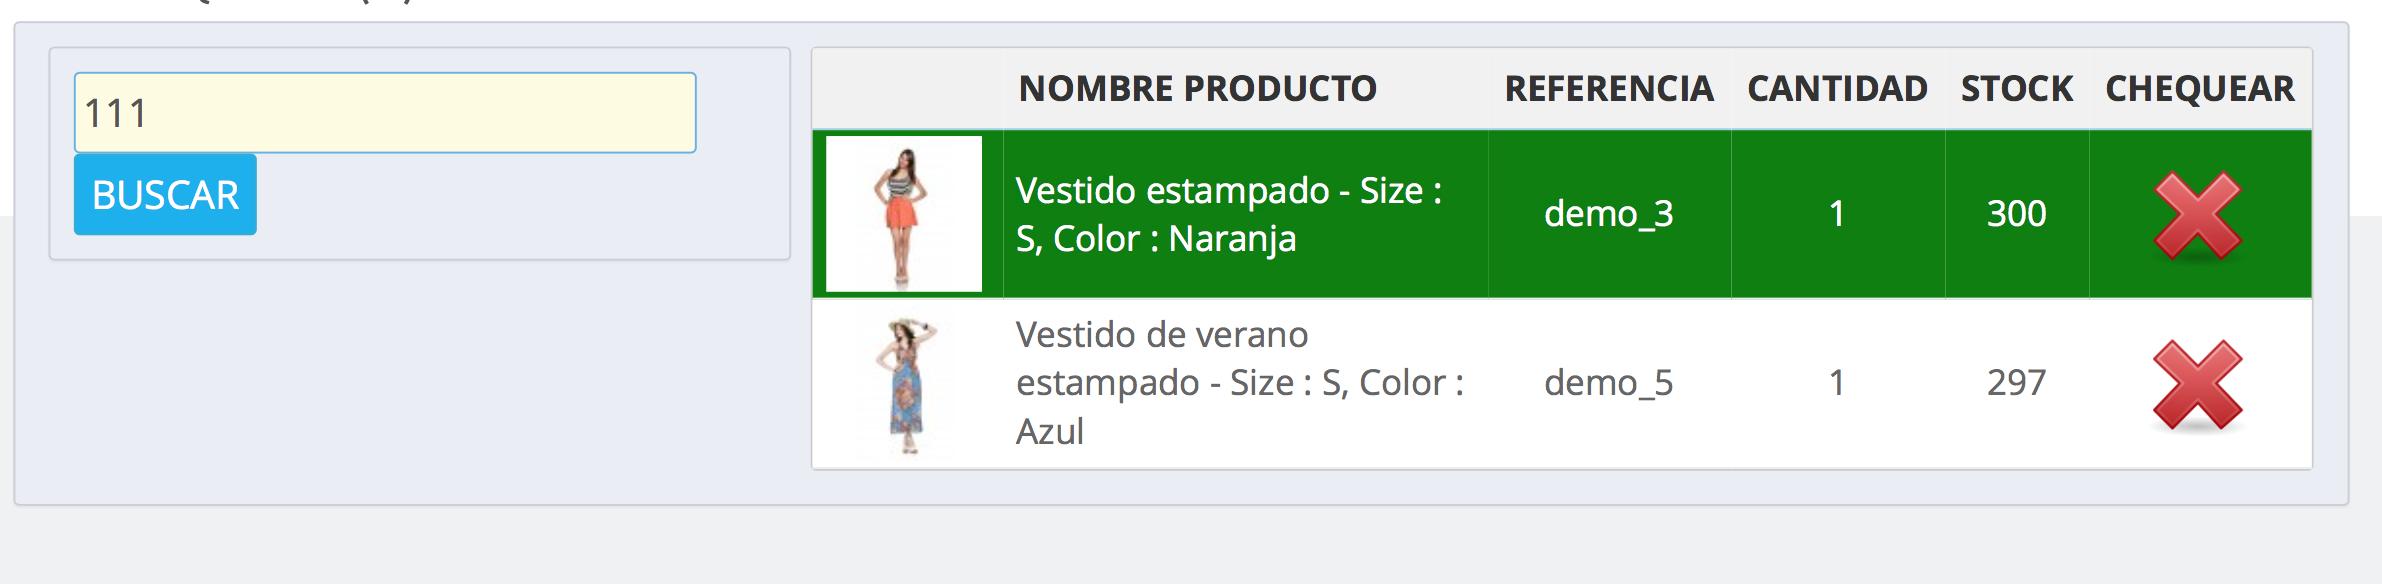 referencia correcta producto en verde listo para validar